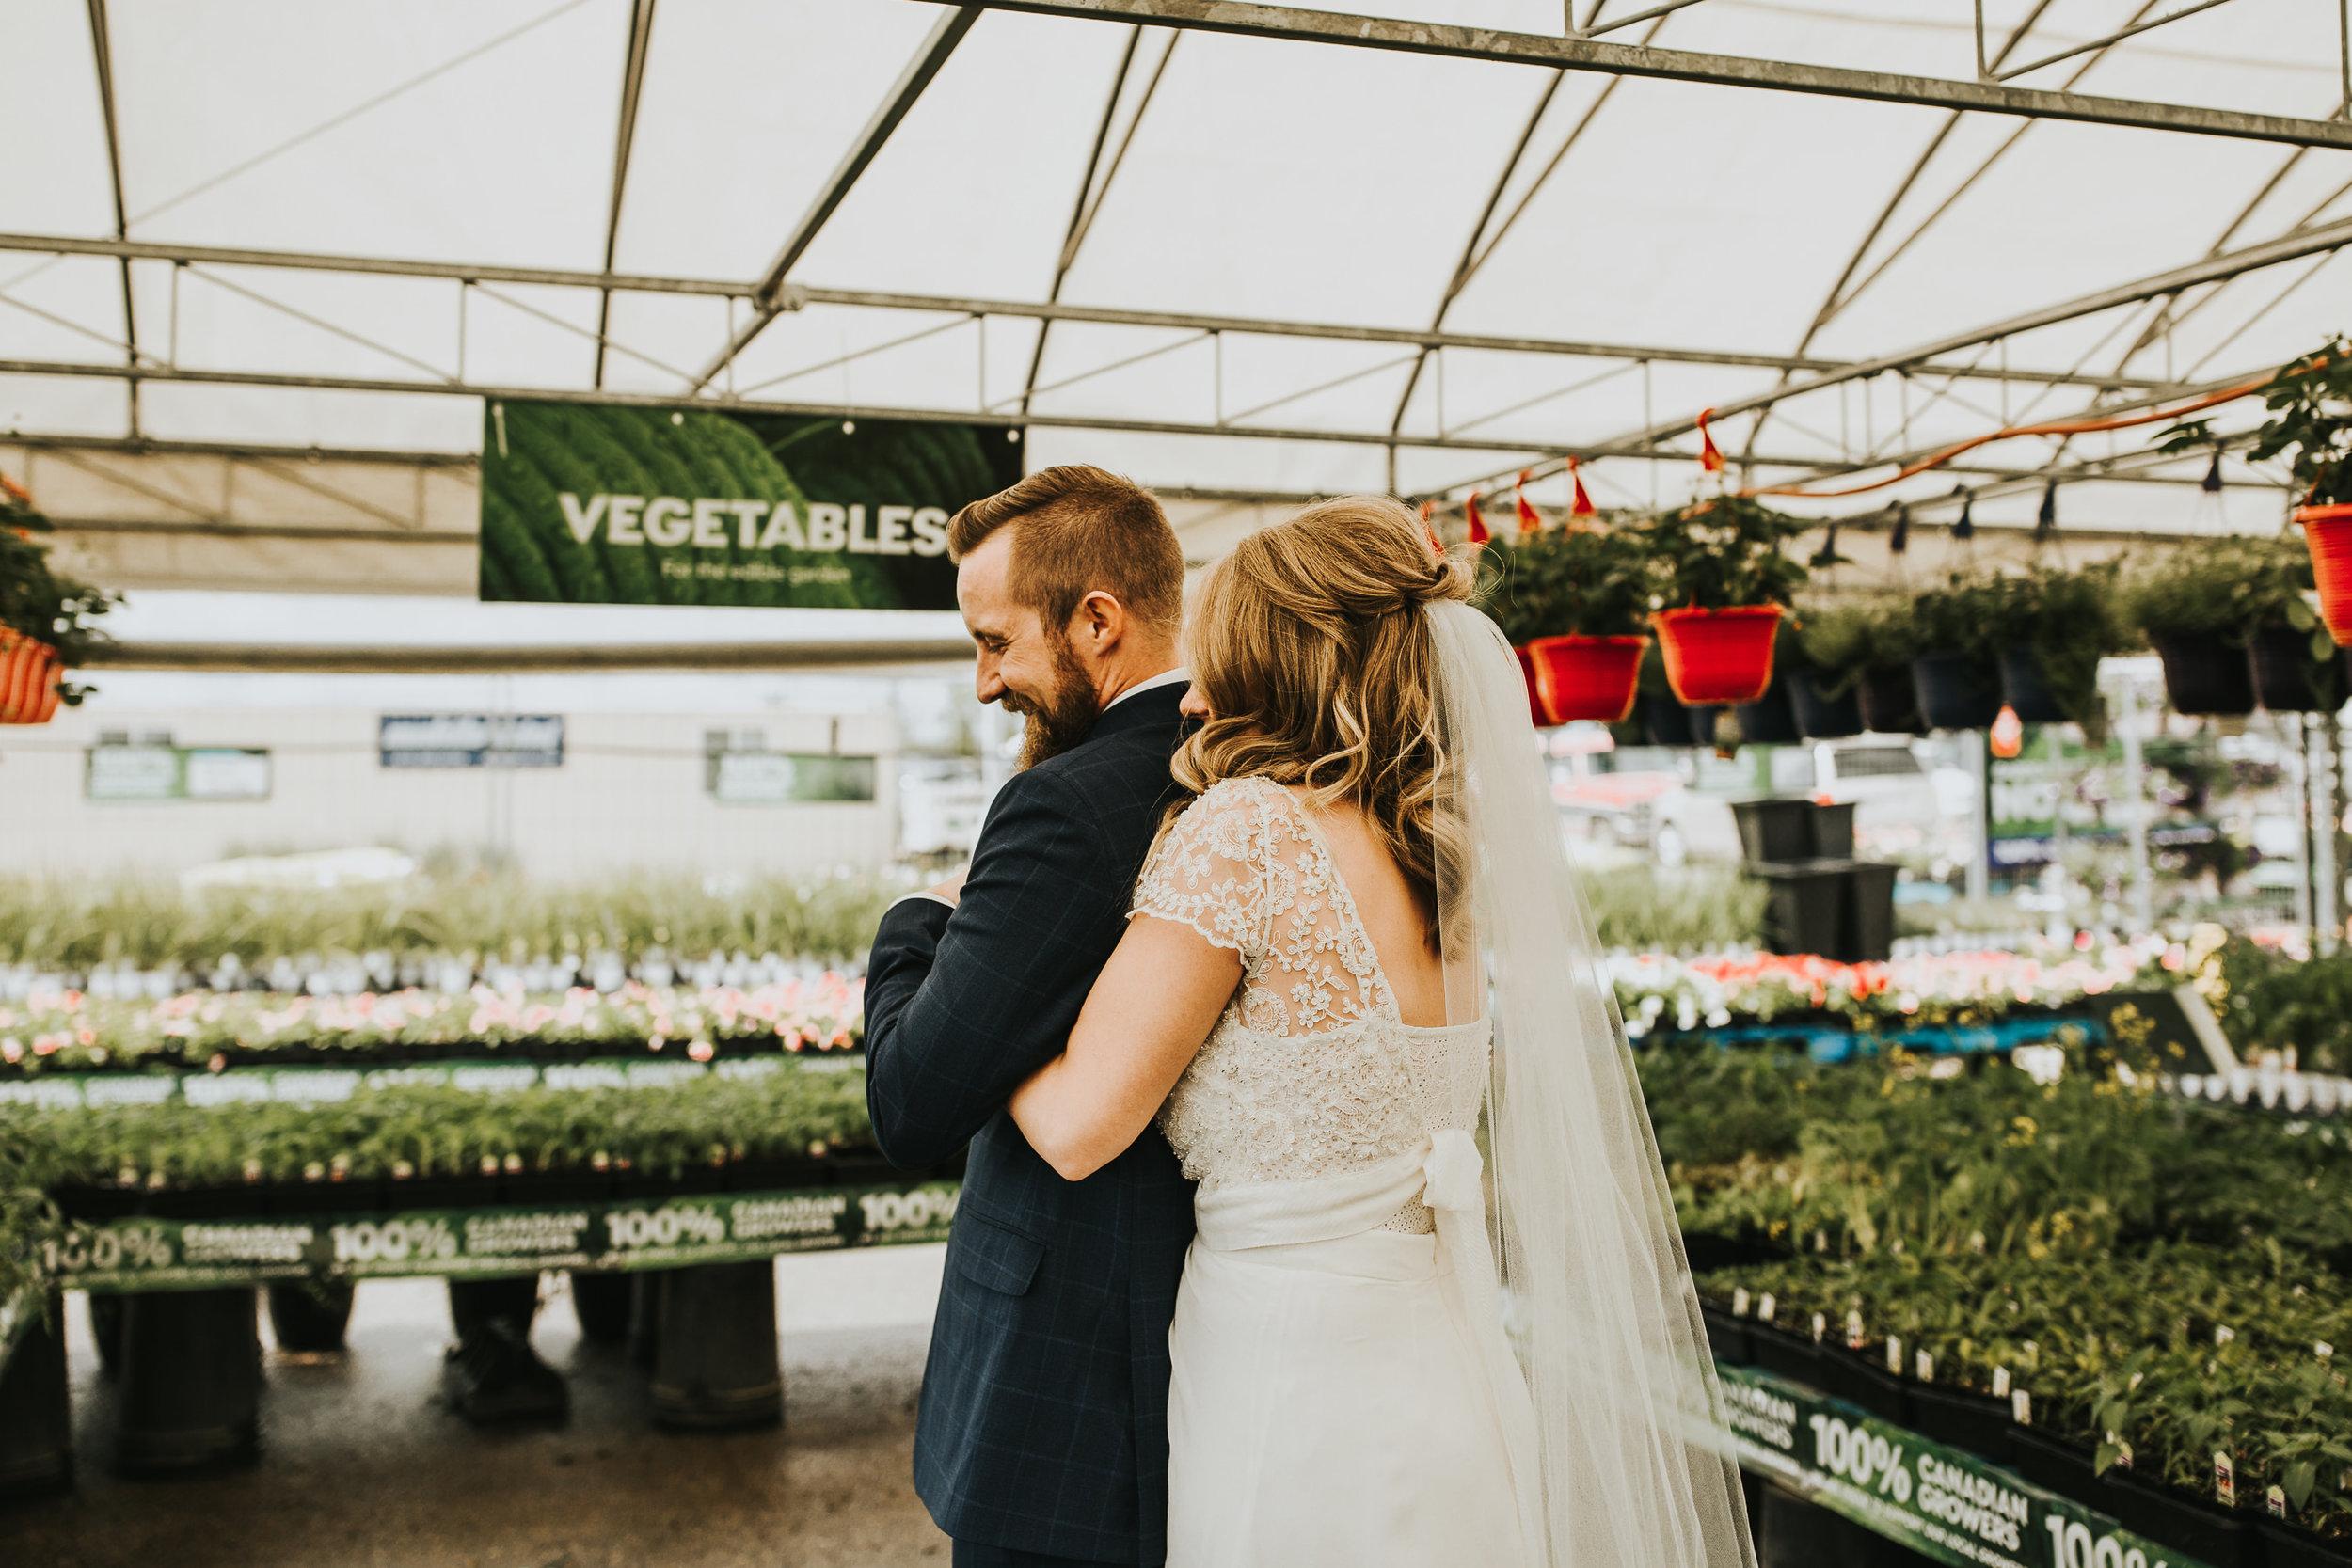 The-Gathered-Farm-Wedding-08